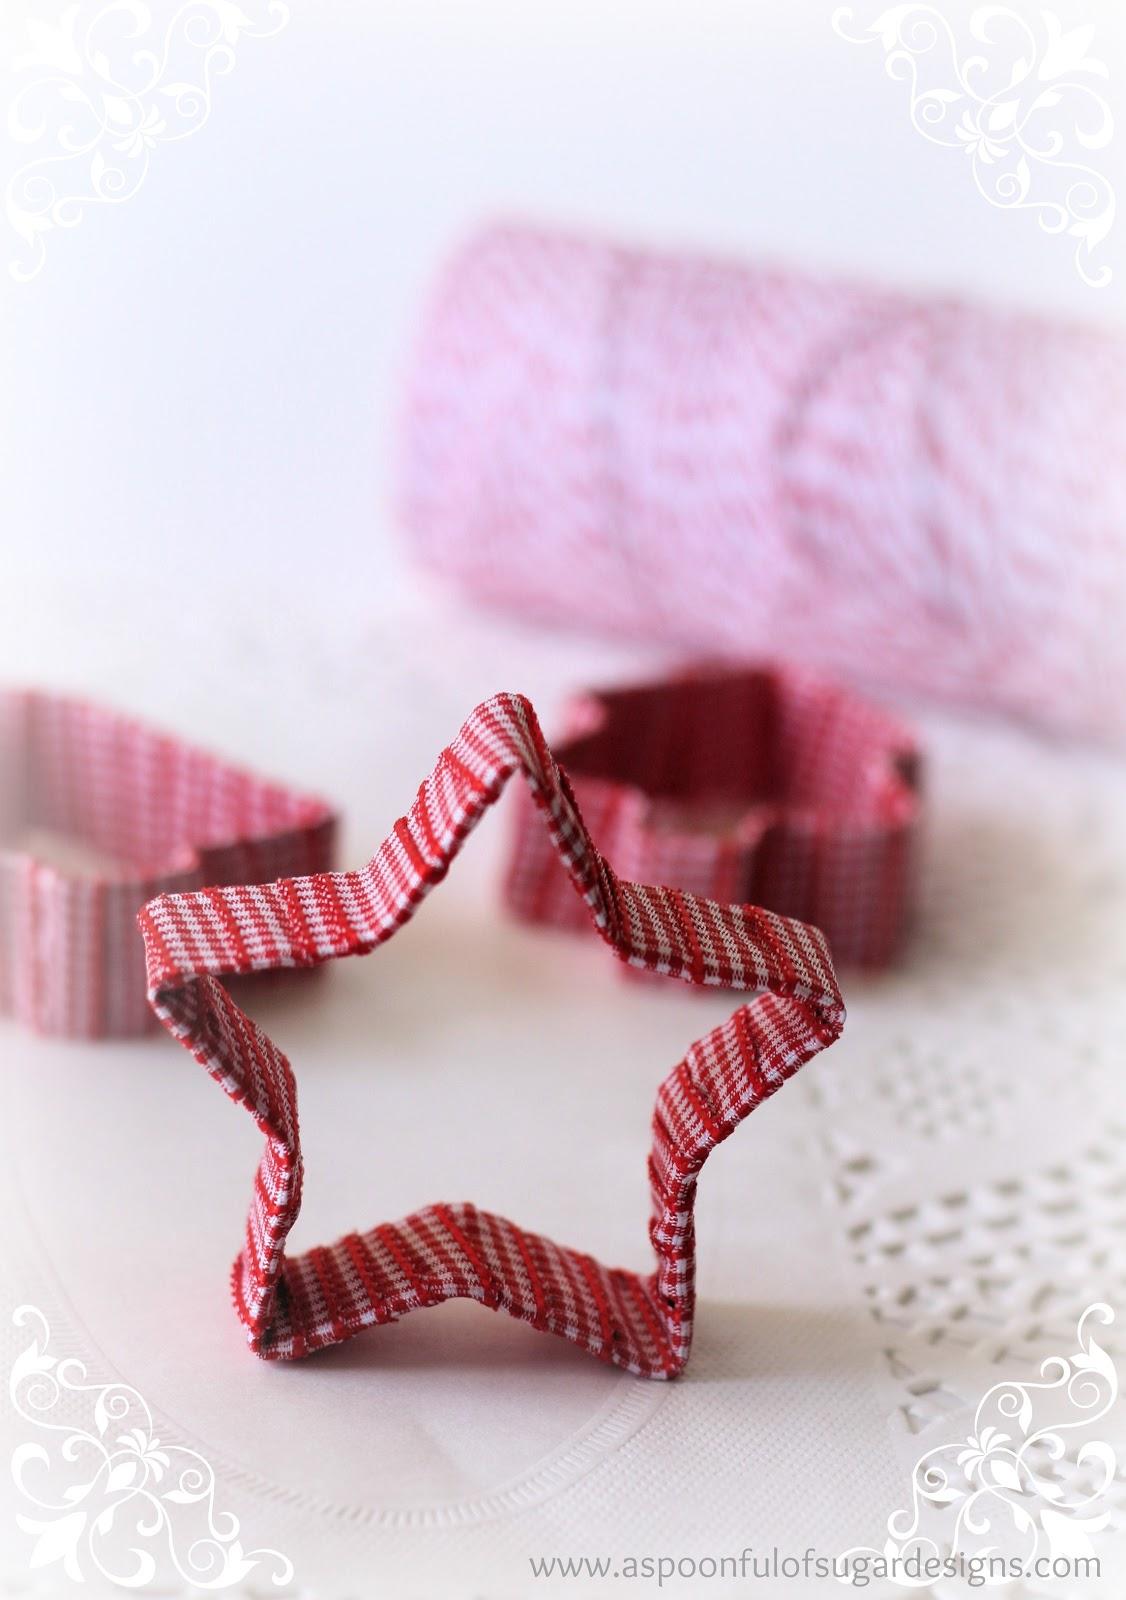 DIY Christmas Ideas The 36th AVENUE